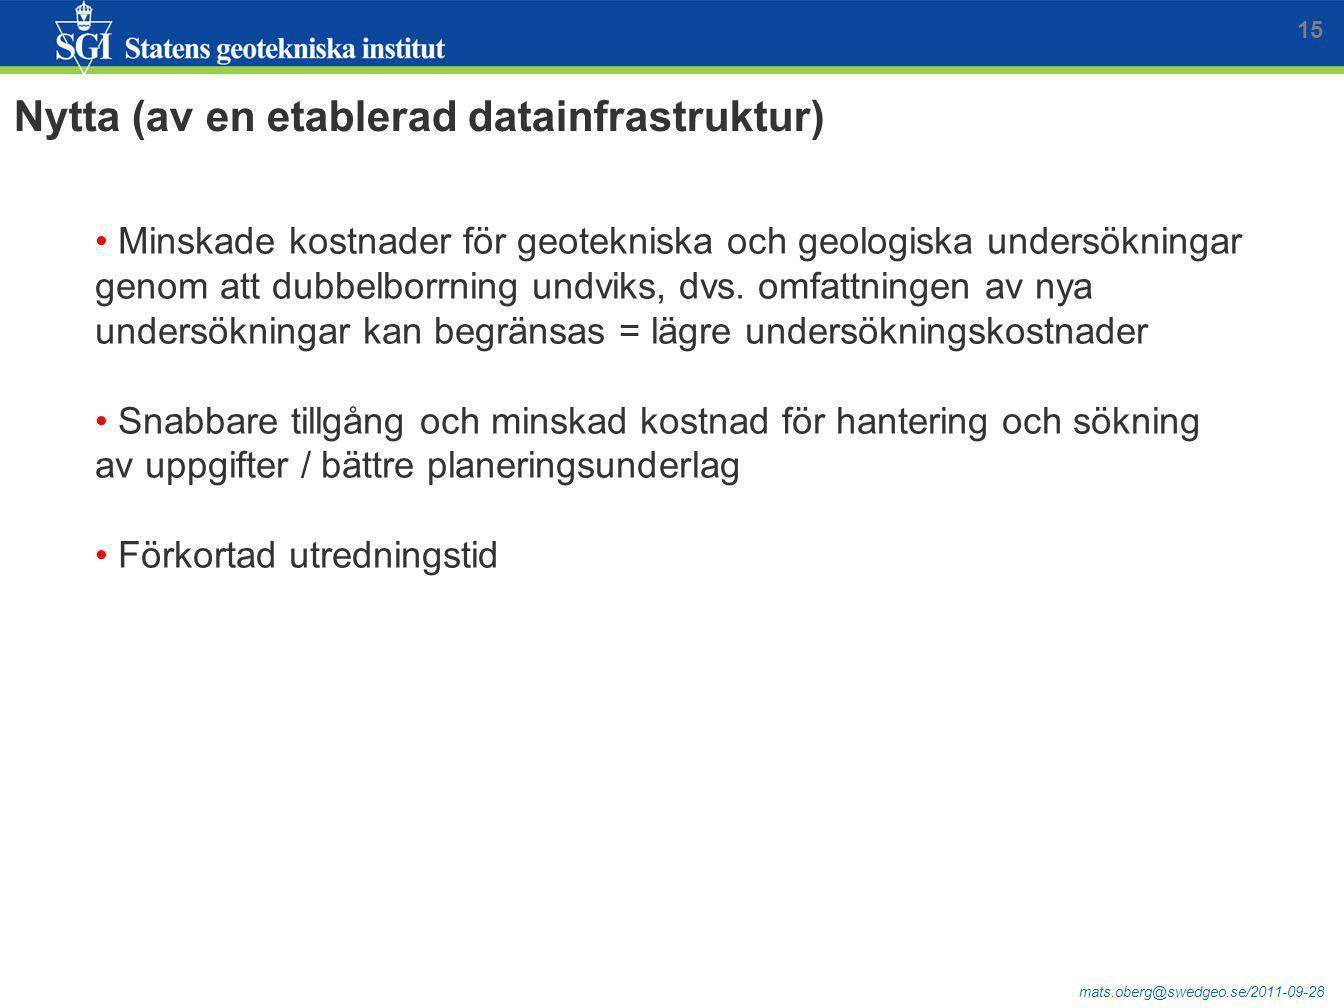 mats.oberg@swedgeo.se/2011-09-28 15 Minskade kostnader för geotekniska och geologiska undersökningar genom att dubbelborrning undviks, dvs. omfattning